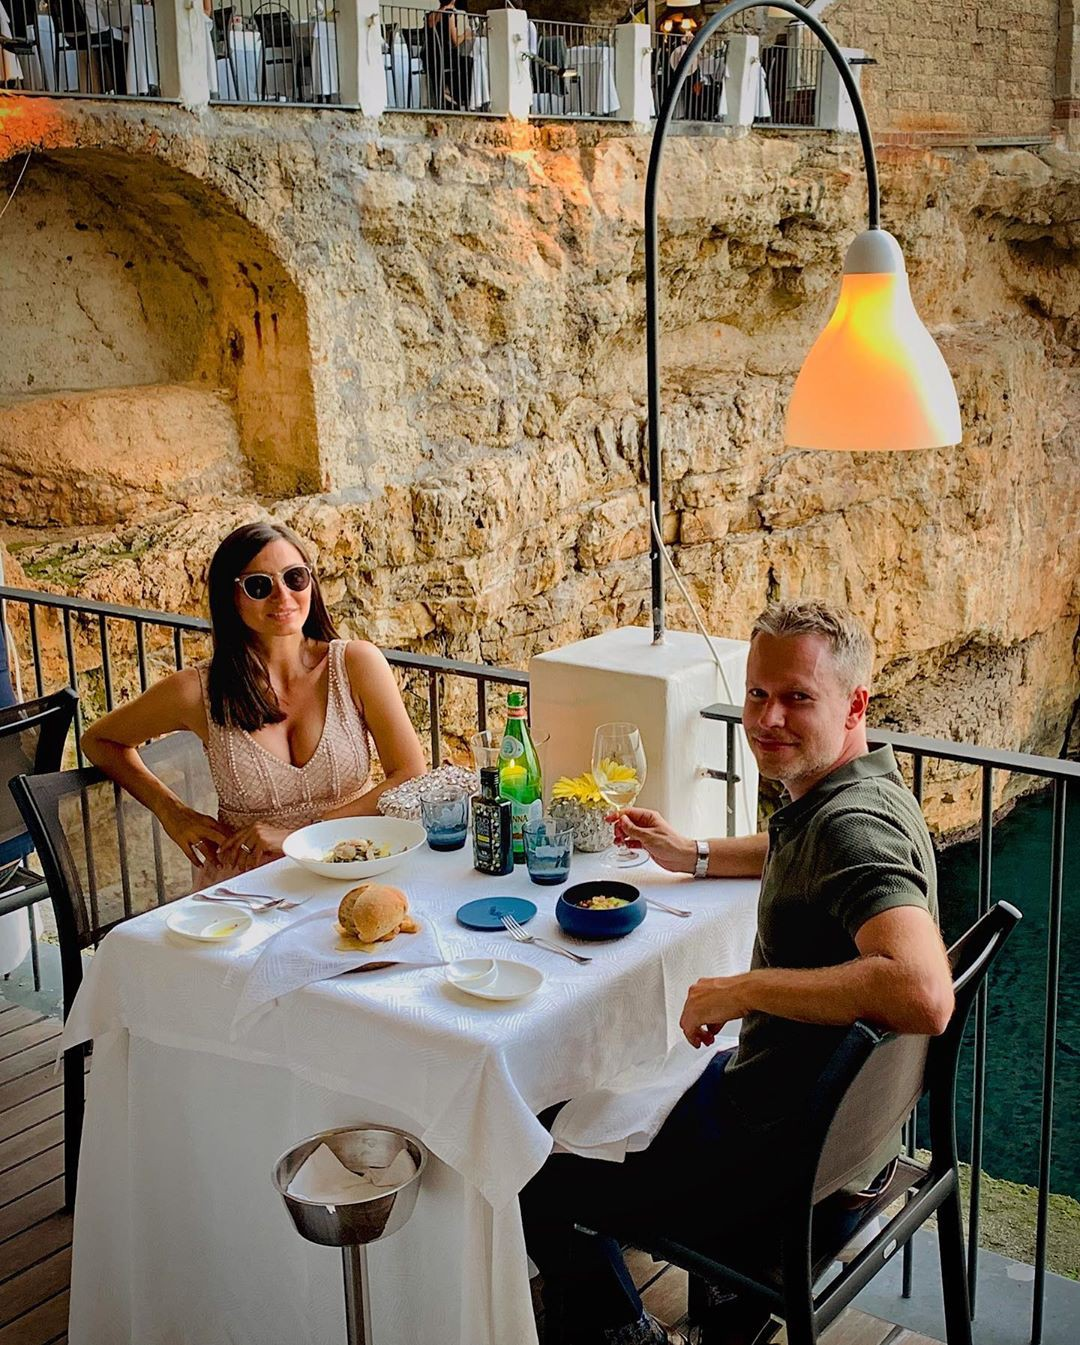 Nhà hàng trong hang động lãng mạn nhất nước Ý: Có khả năng gây mê cao cho bất kì cặp đôi nào hẹn hò tại đây - Ảnh 15.